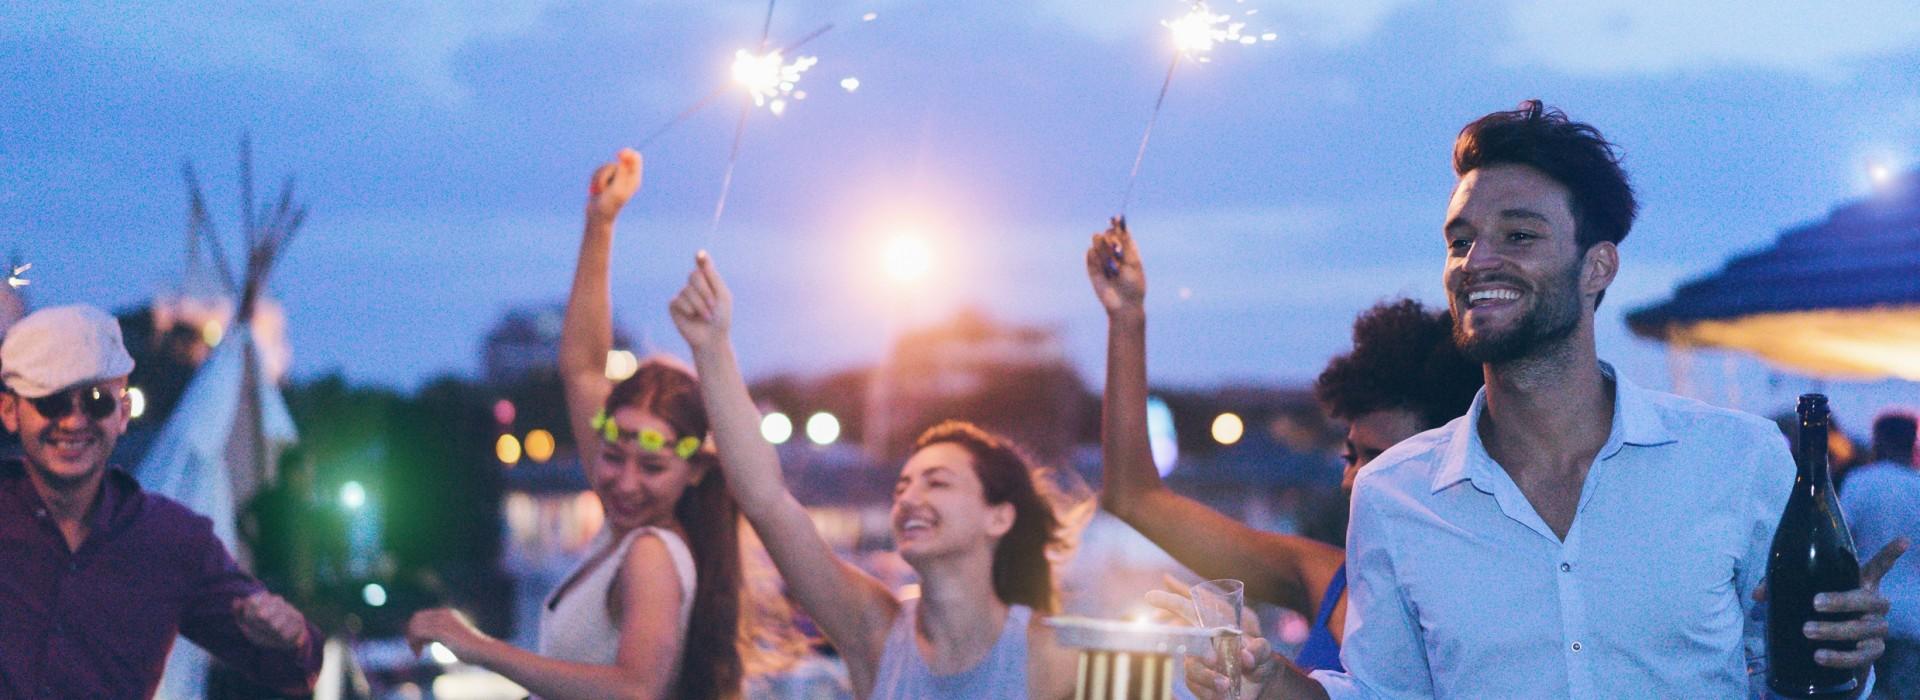 A group of friends enjoying evening beach party